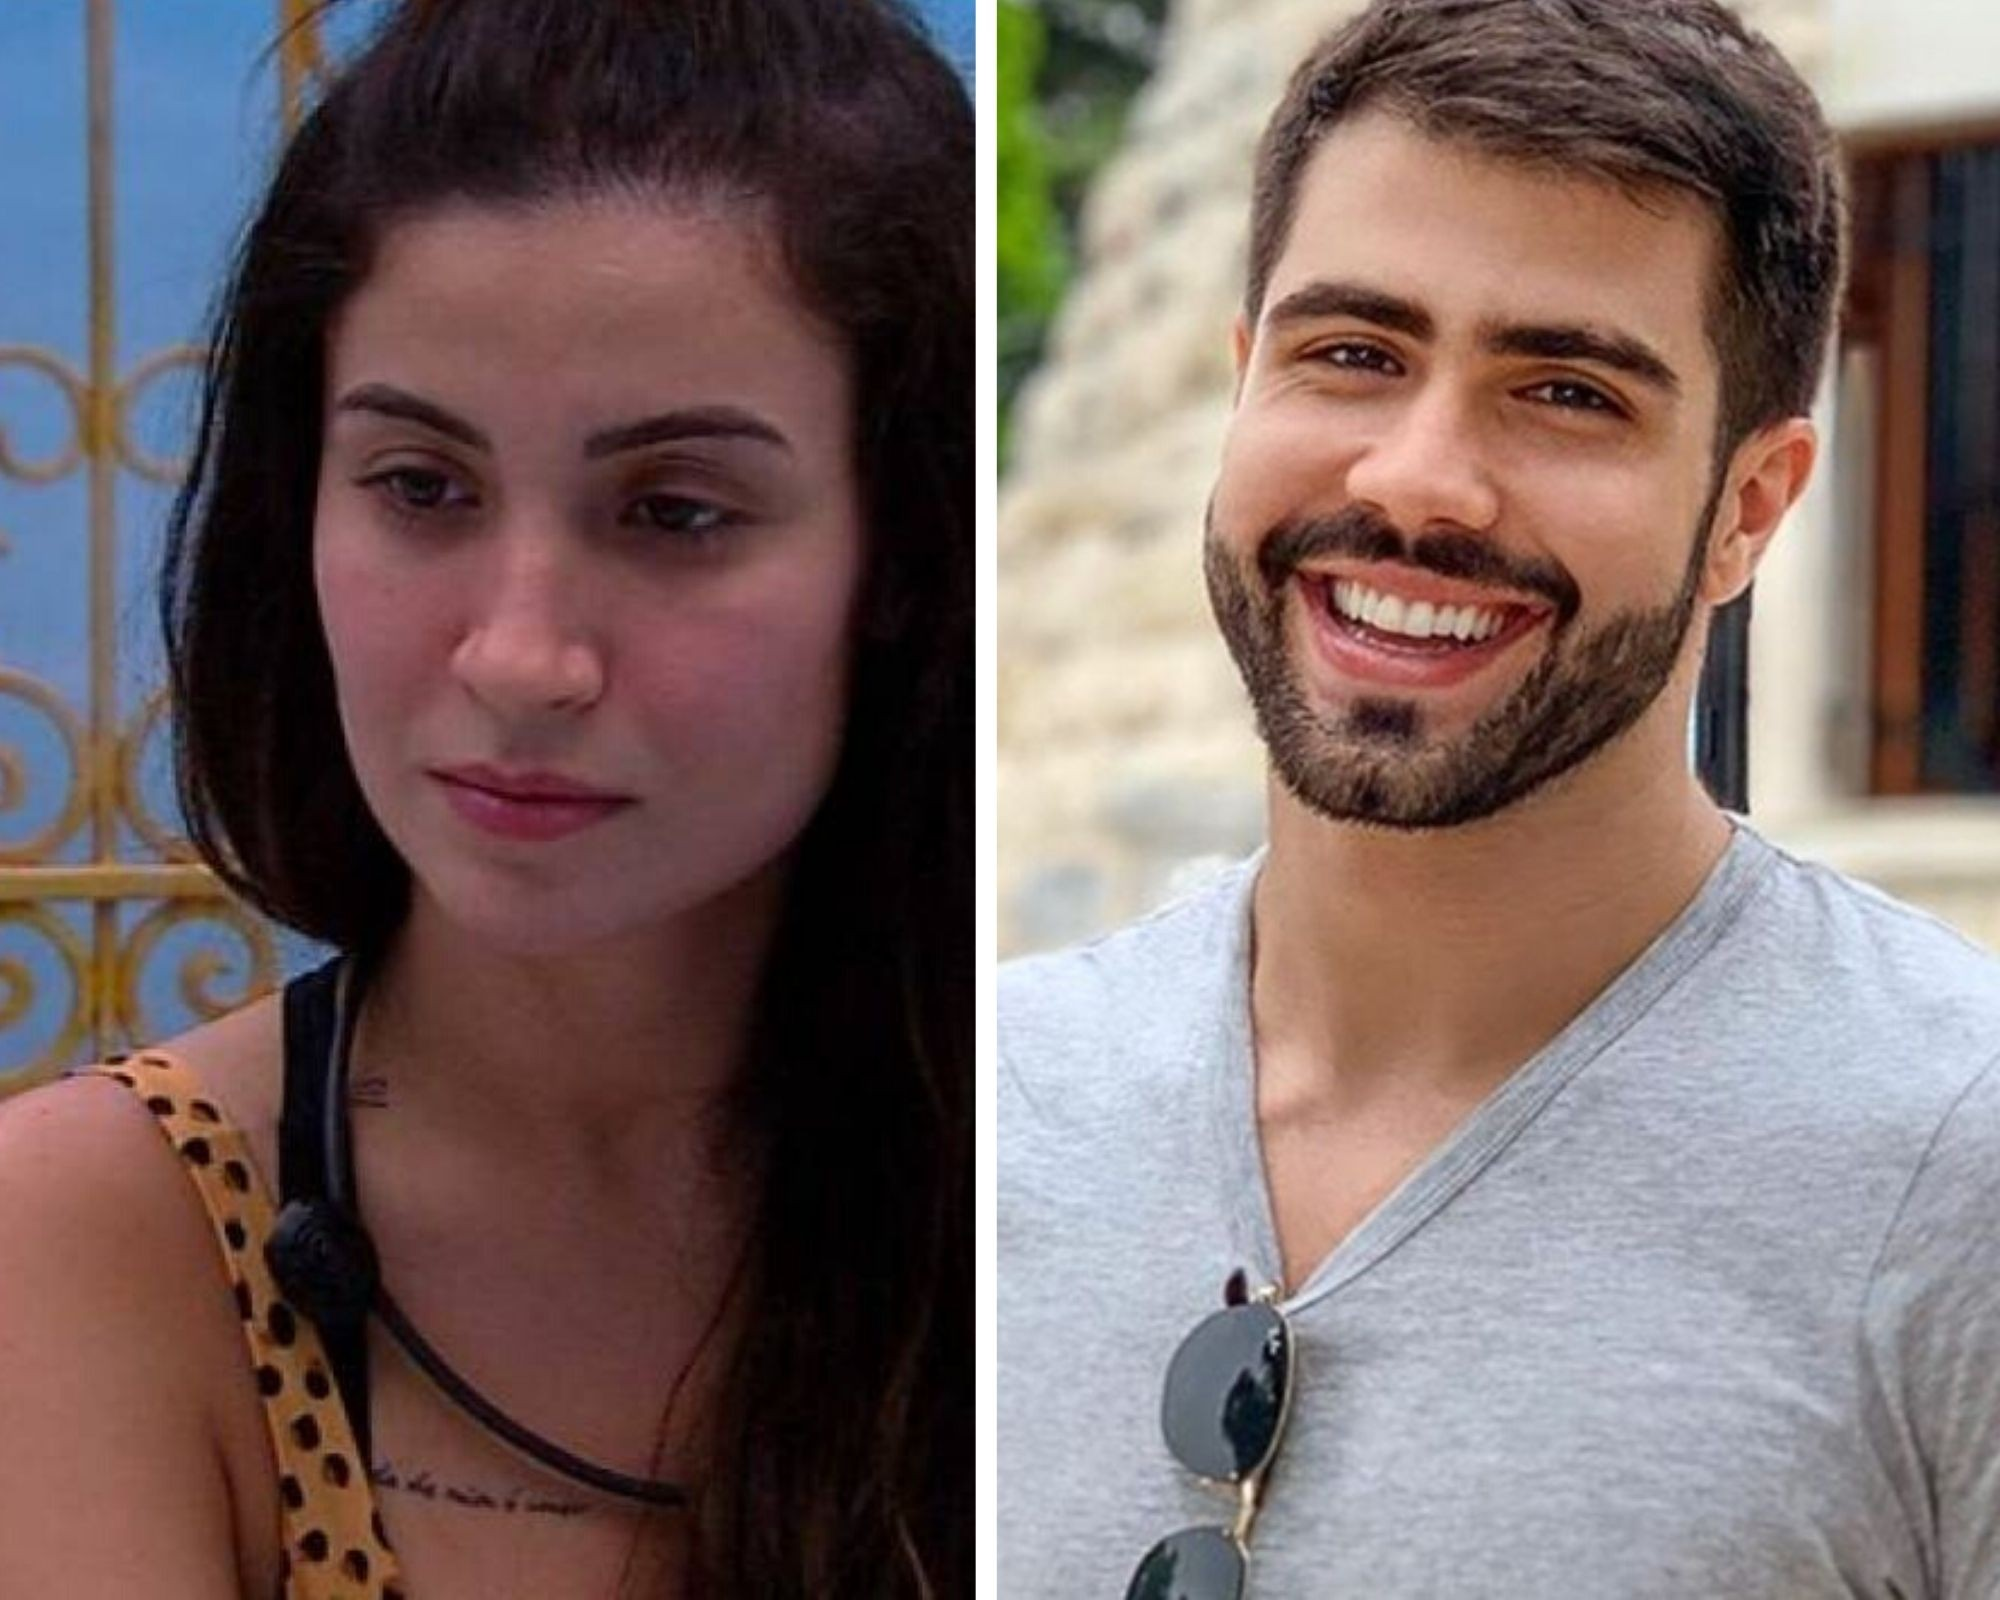 Bianca Andrade Revela Que Teve Affair Com Juliano Laham Antes De Comecar A Namorar Quem Bbb